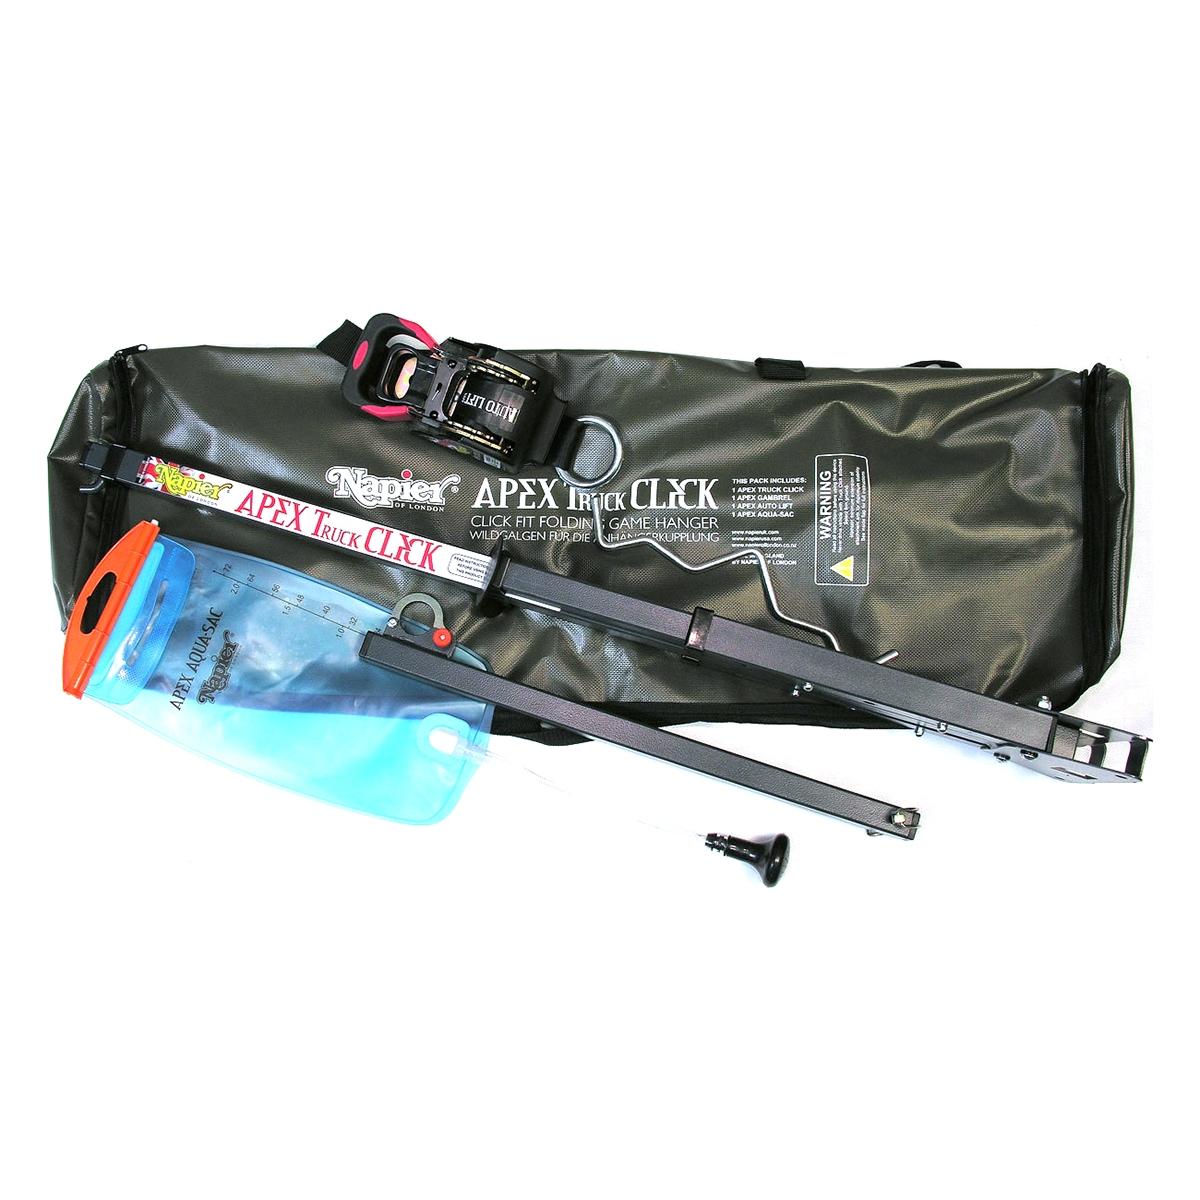 AUPROTEC Collier de Serrage /à vis BREEZE en acier inoxydable V2A W4 DIN 3017 choix 2 pi/èces 25-40 mm